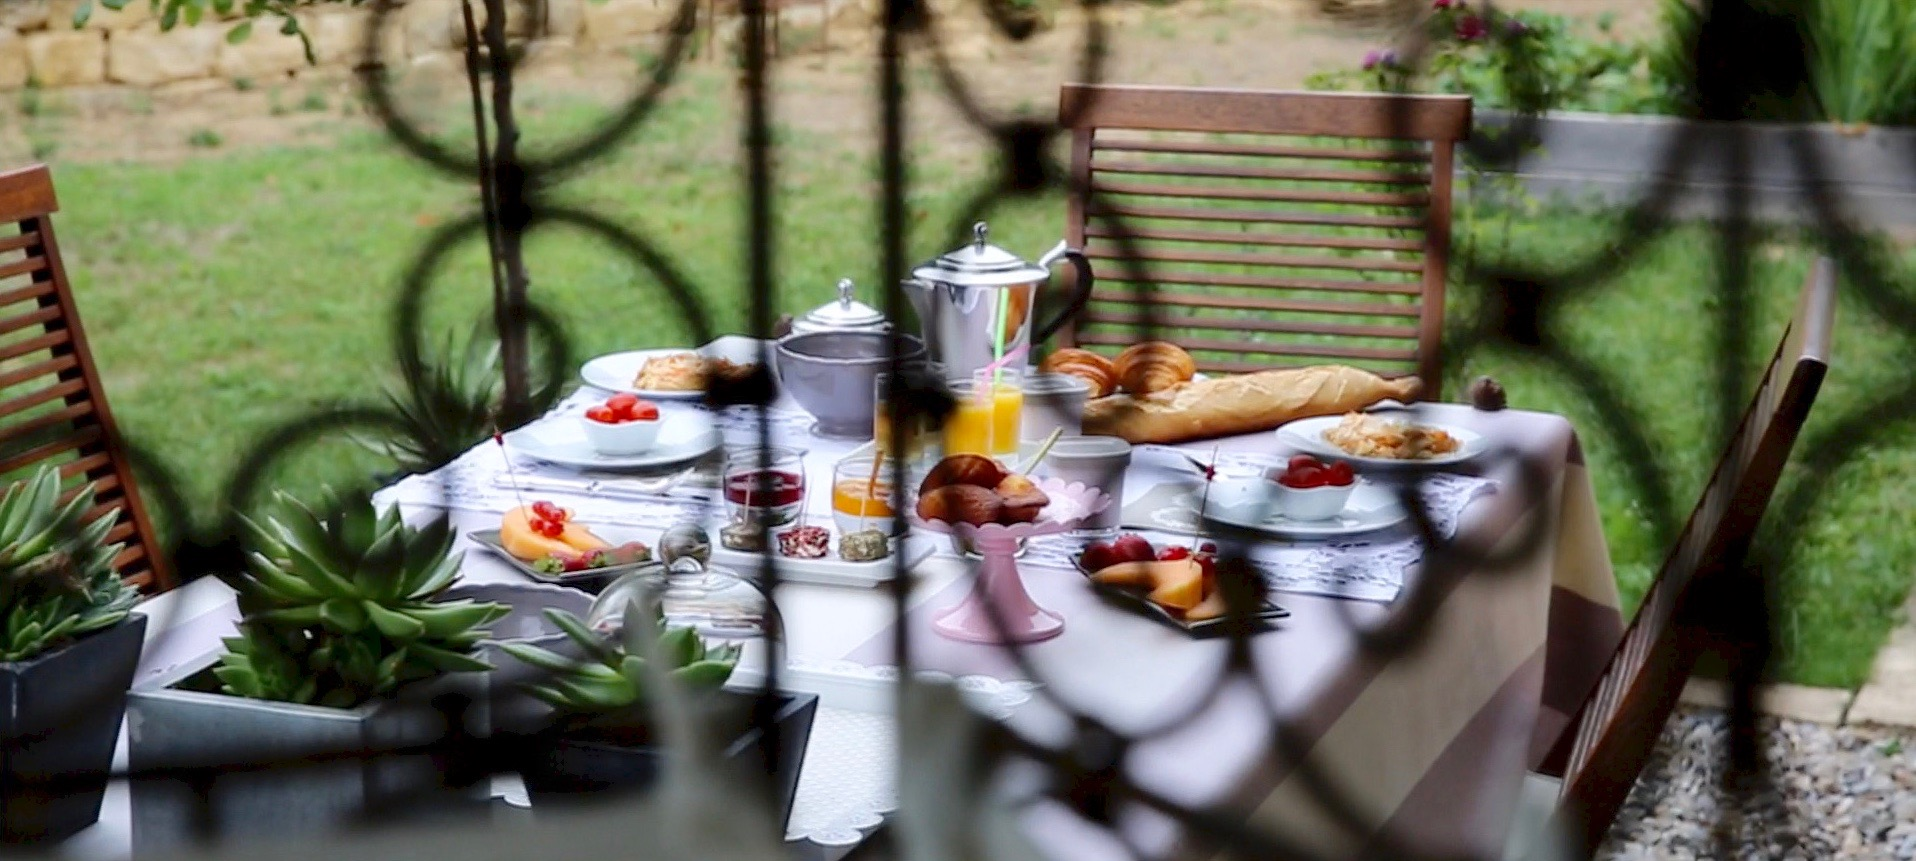 cigaliere-petit-dejeuner